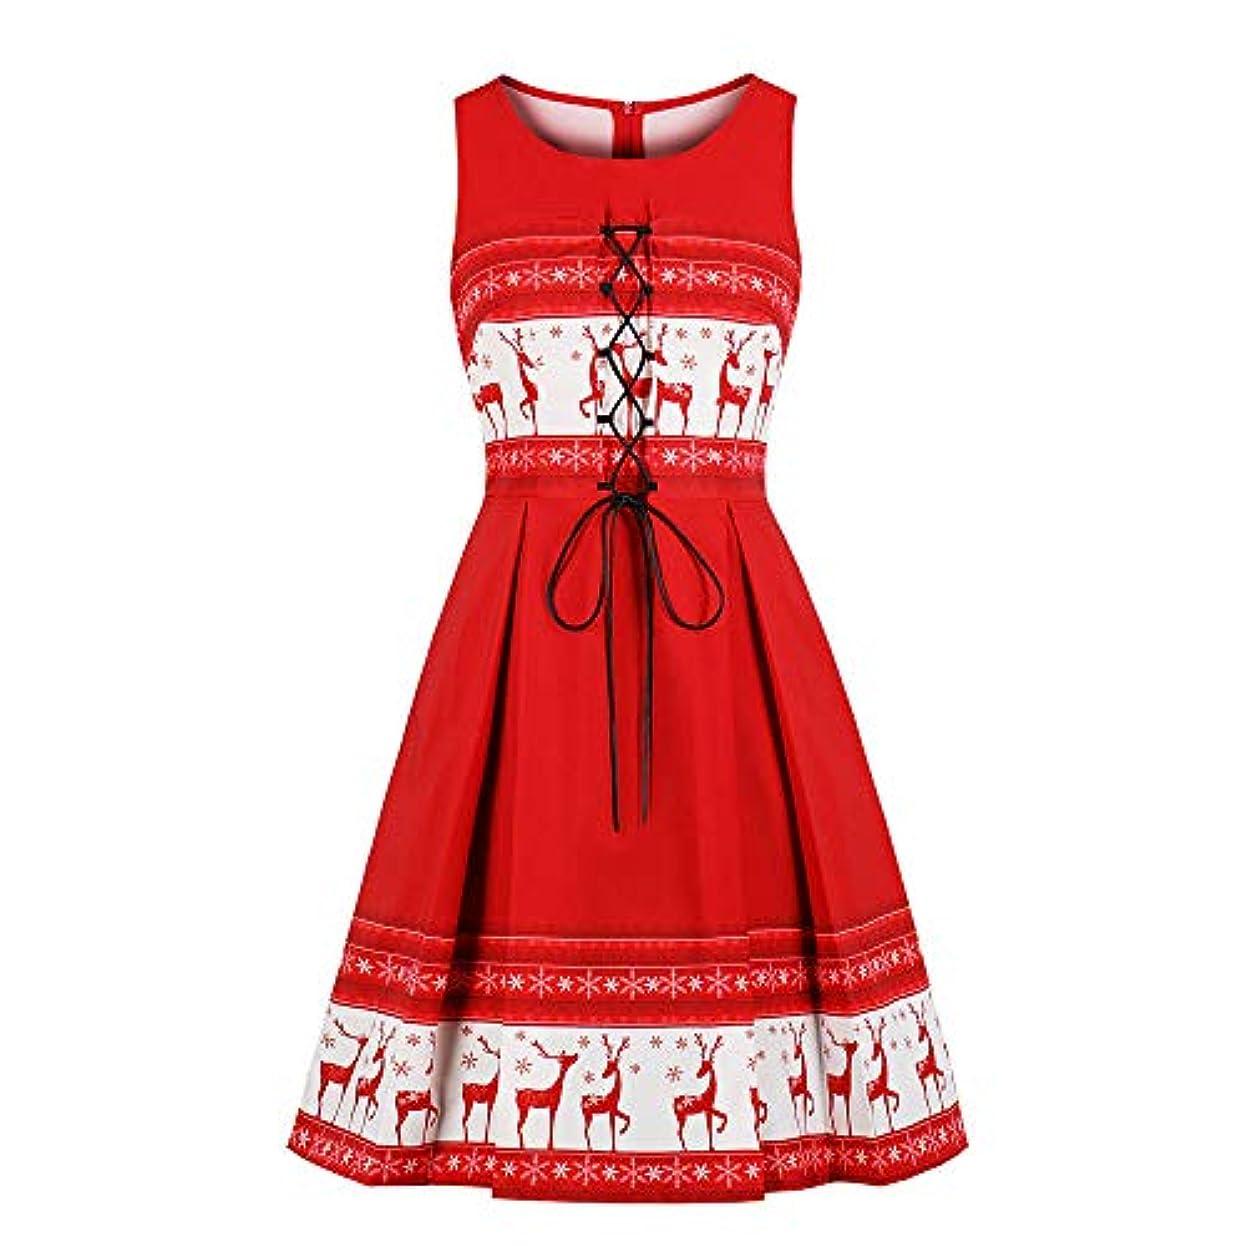 詳細なラリーベルモントピグマリオンワンピース BOBOGOJP 4種類 S?4XL クリスマス スペシャル 女性 レディース ビンテージ アンティーク 華やかな 美しい 主人公 ノースリーブ イブニングパーティー ドレス スイング ドレス